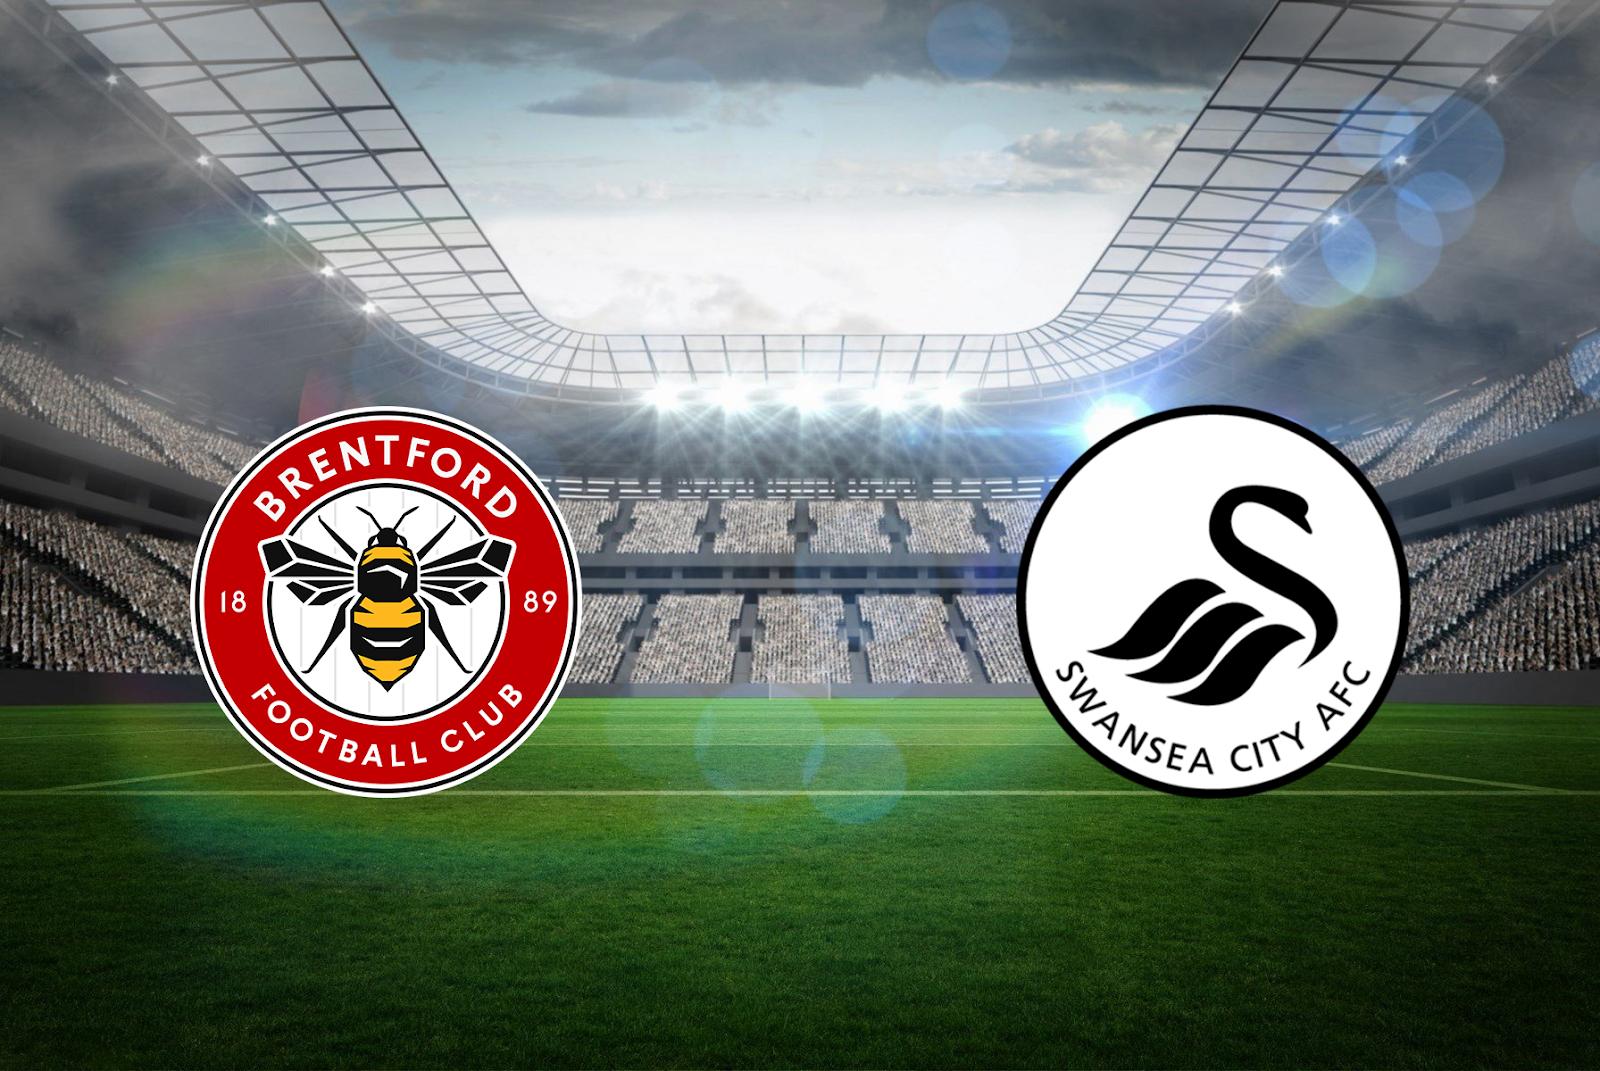 Bình Luận về Brentford vs Swansea City ngày 26/12